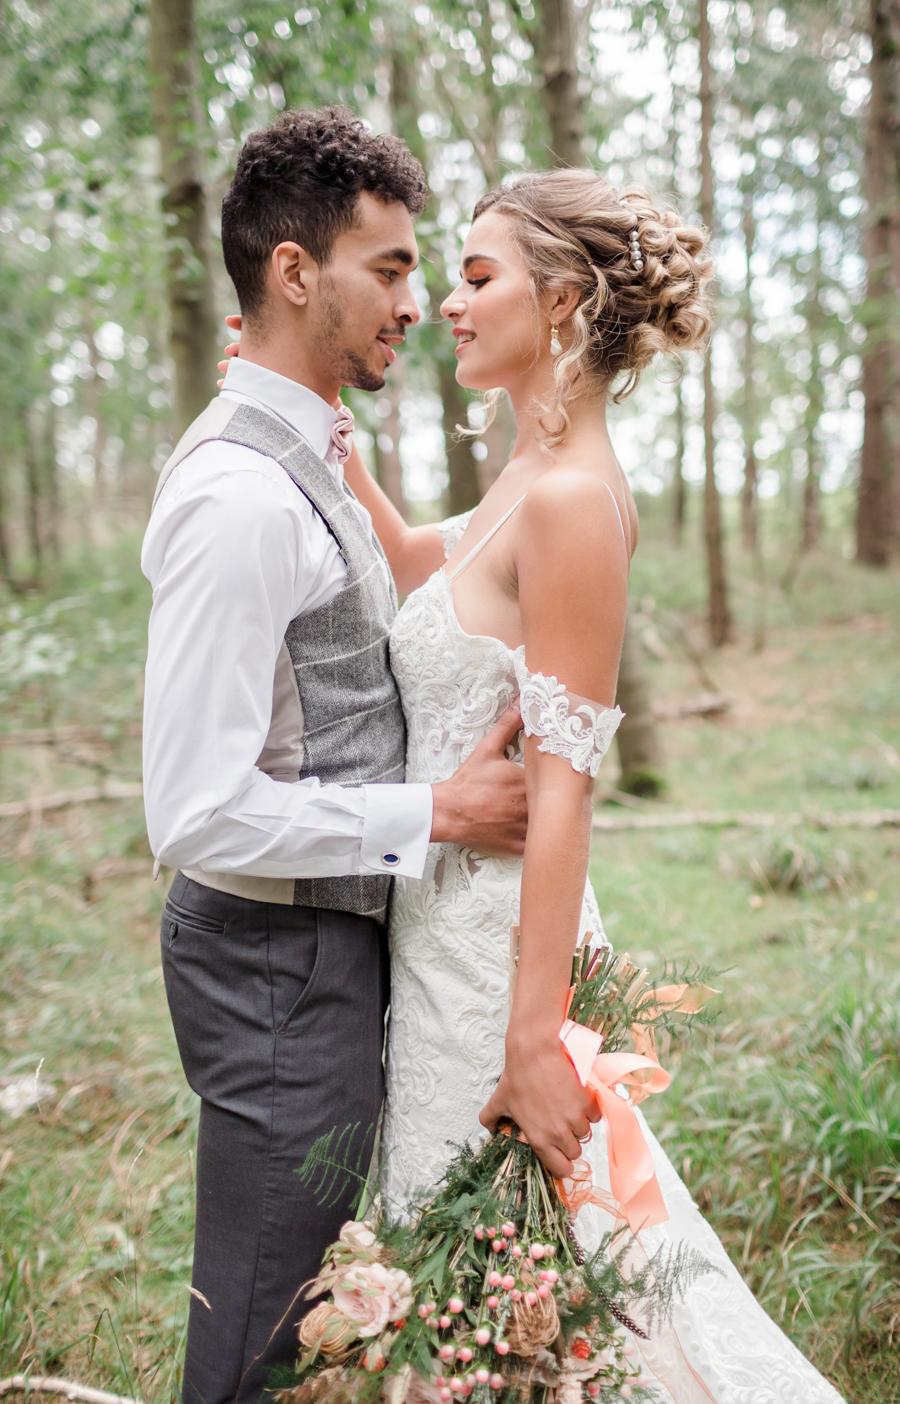 Hertfordshire Boho Themed Styled Wedding Shoot, photographer credit Absolute Photo UK (40)